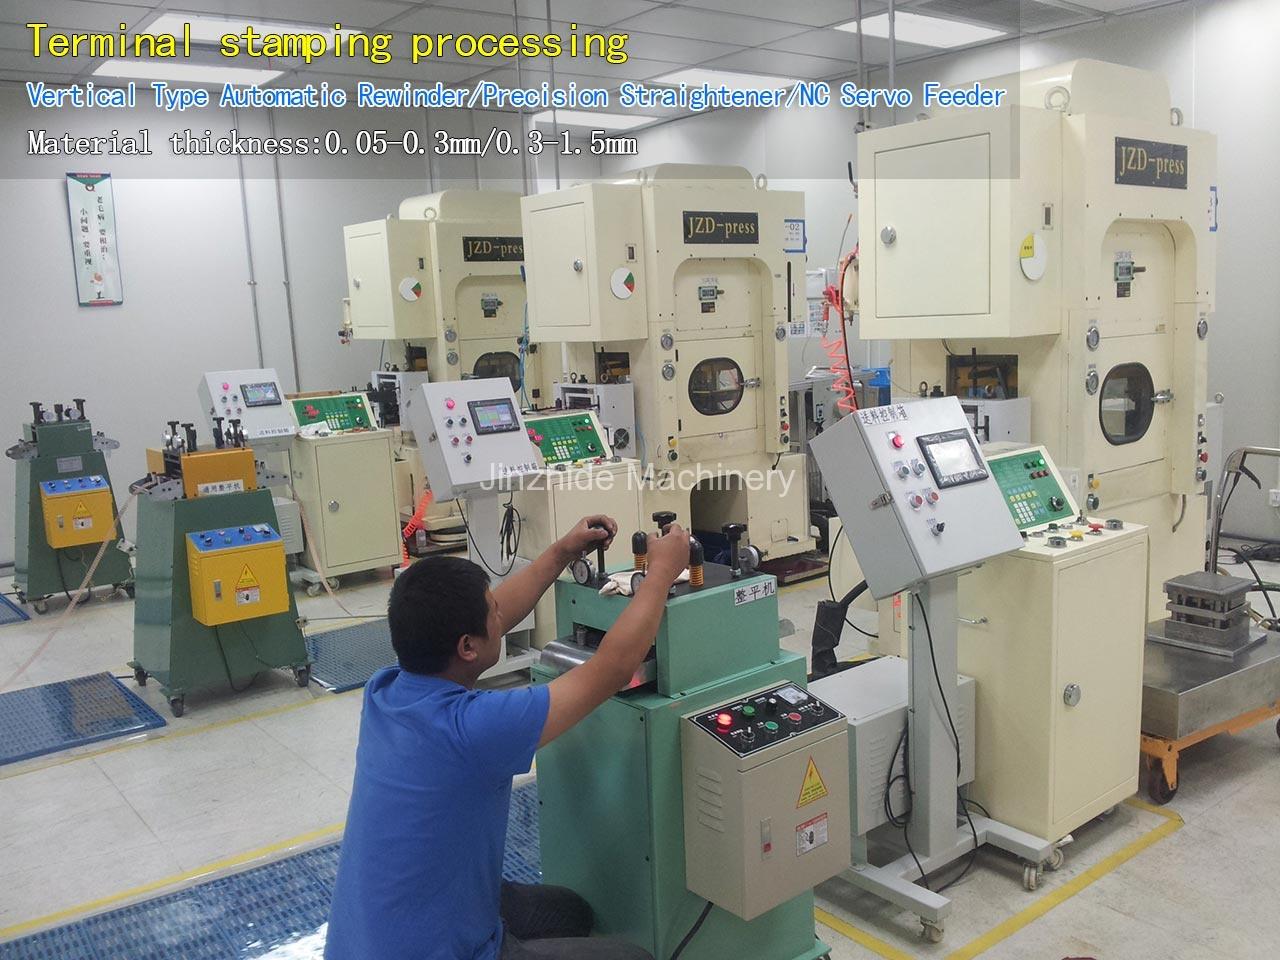 Terminal-stamping-processing